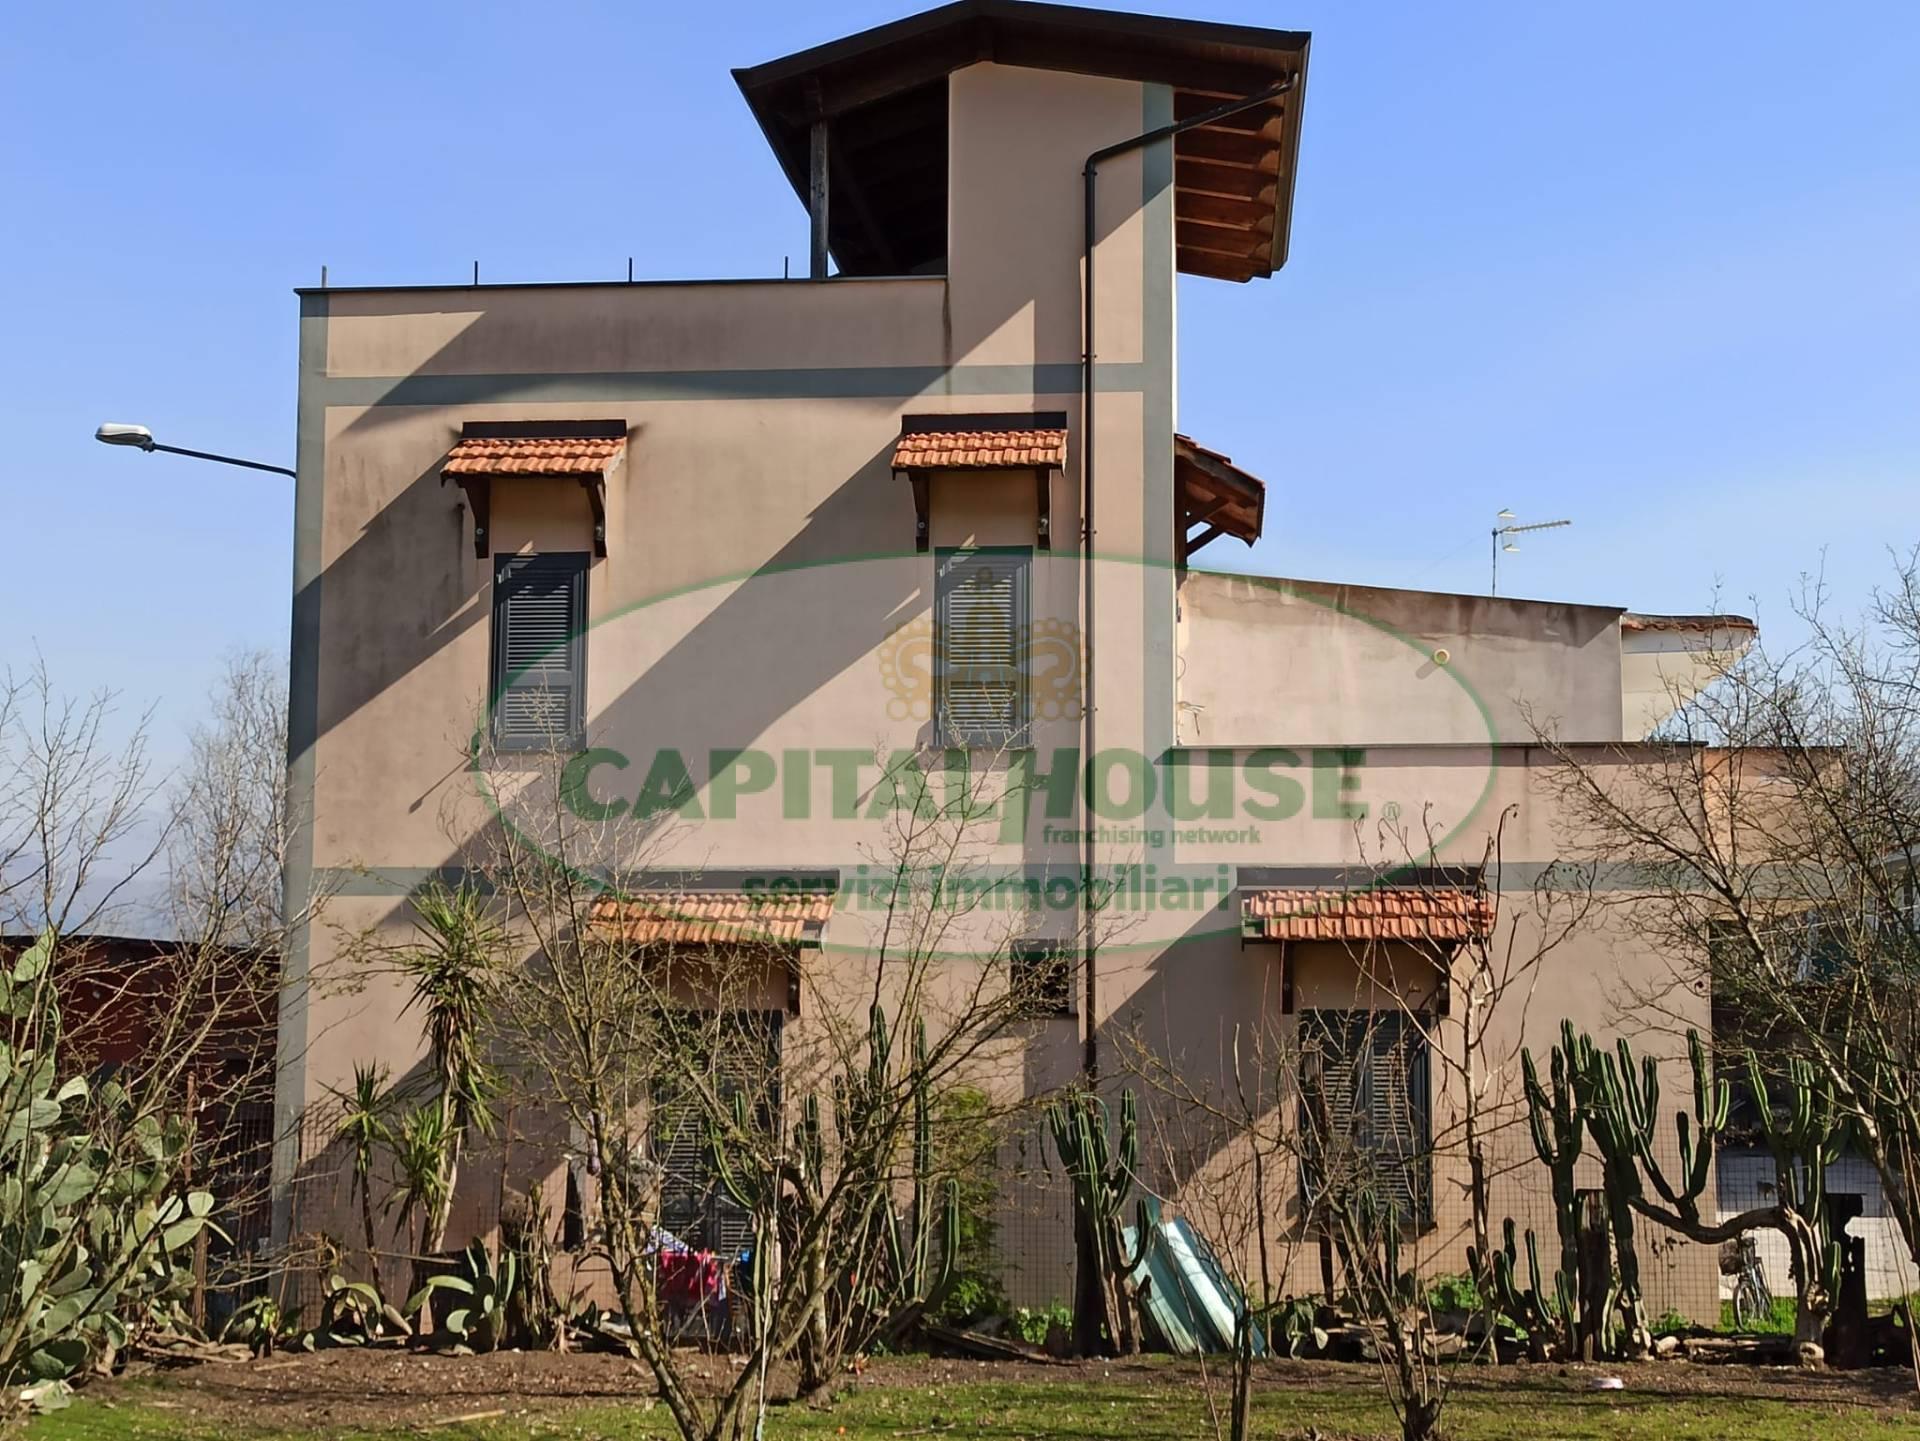 Soluzione Semindipendente in vendita a San Gennaro Vesuviano, 3 locali, prezzo € 98.000 | CambioCasa.it